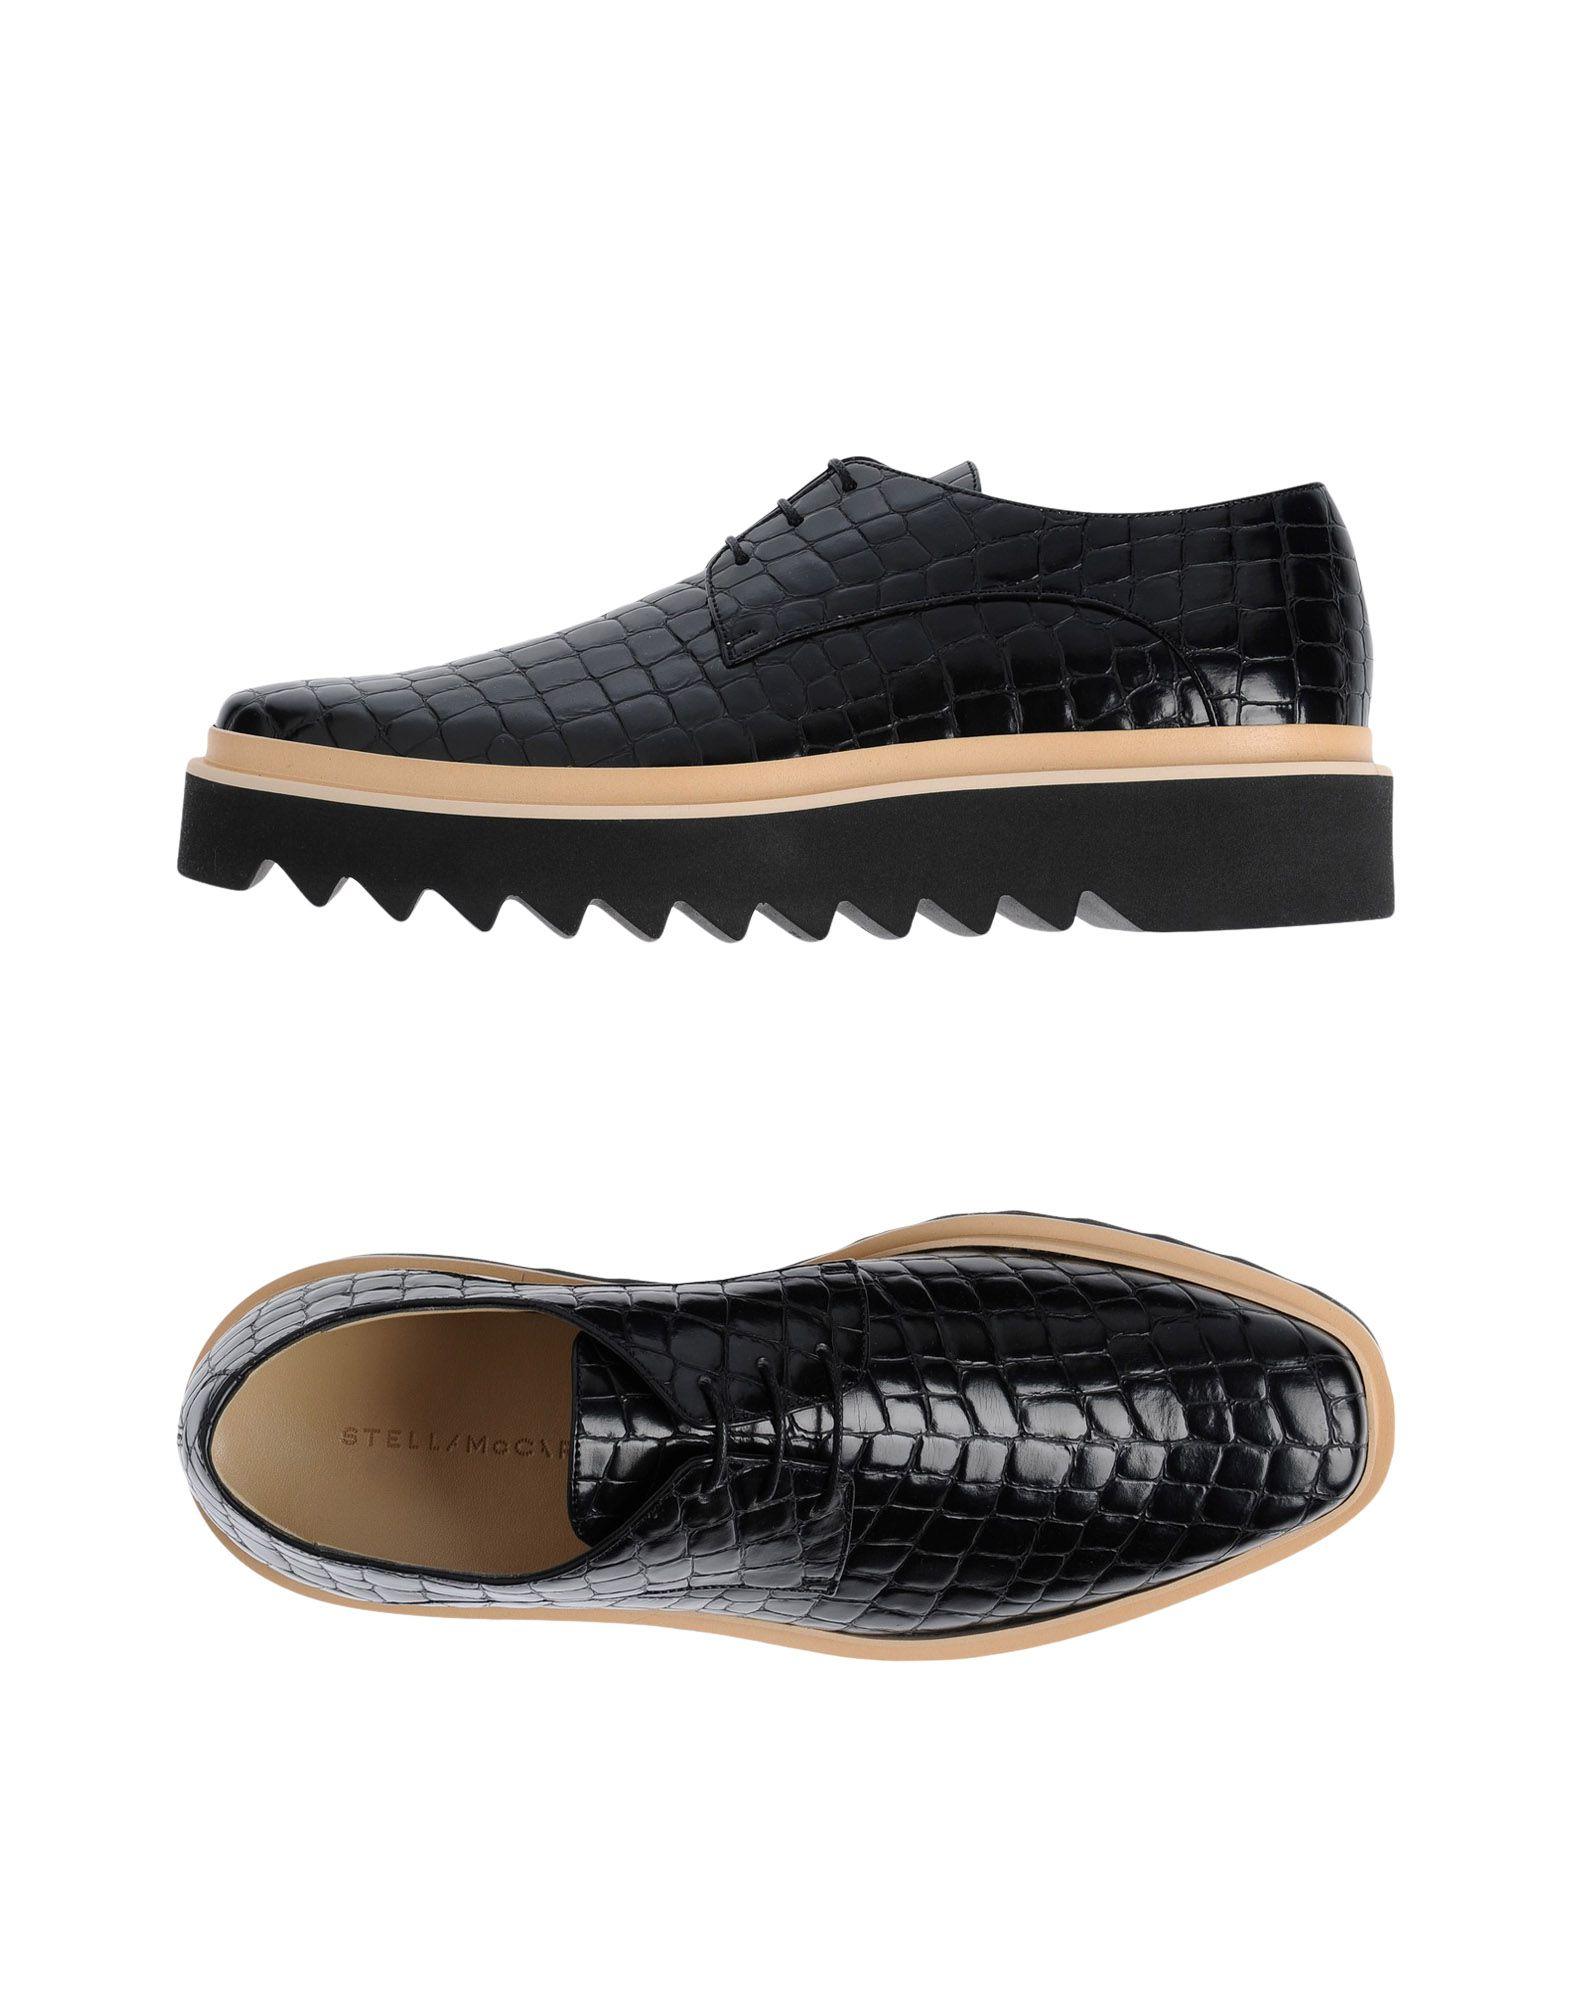 Stella Mccartney Schnürschuhe Herren beliebte  11459772NF Gute Qualität beliebte Herren Schuhe 05f5e7